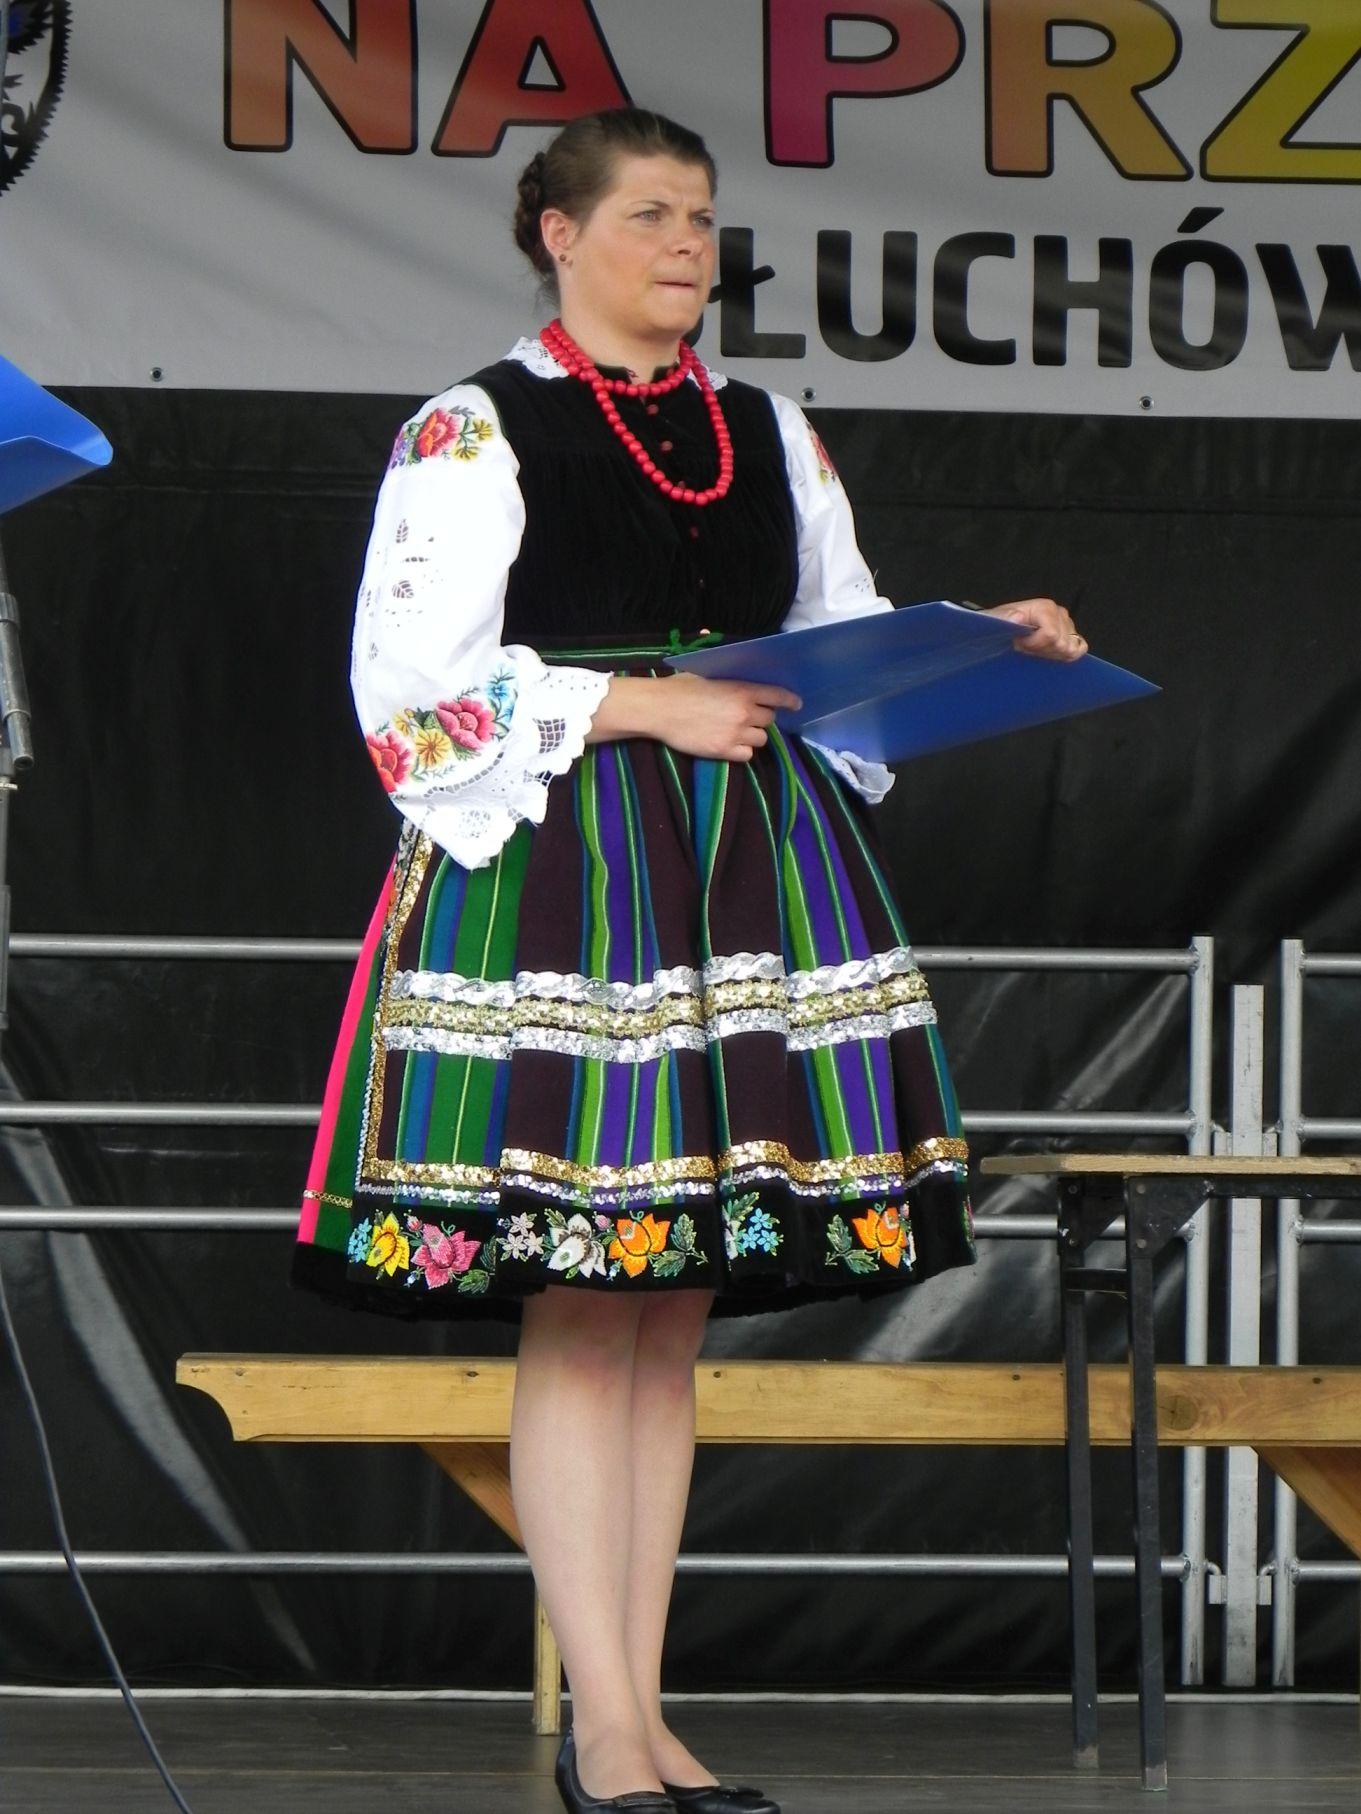 2013-07-07 Głuchów Festyn na Przydrożku (3)